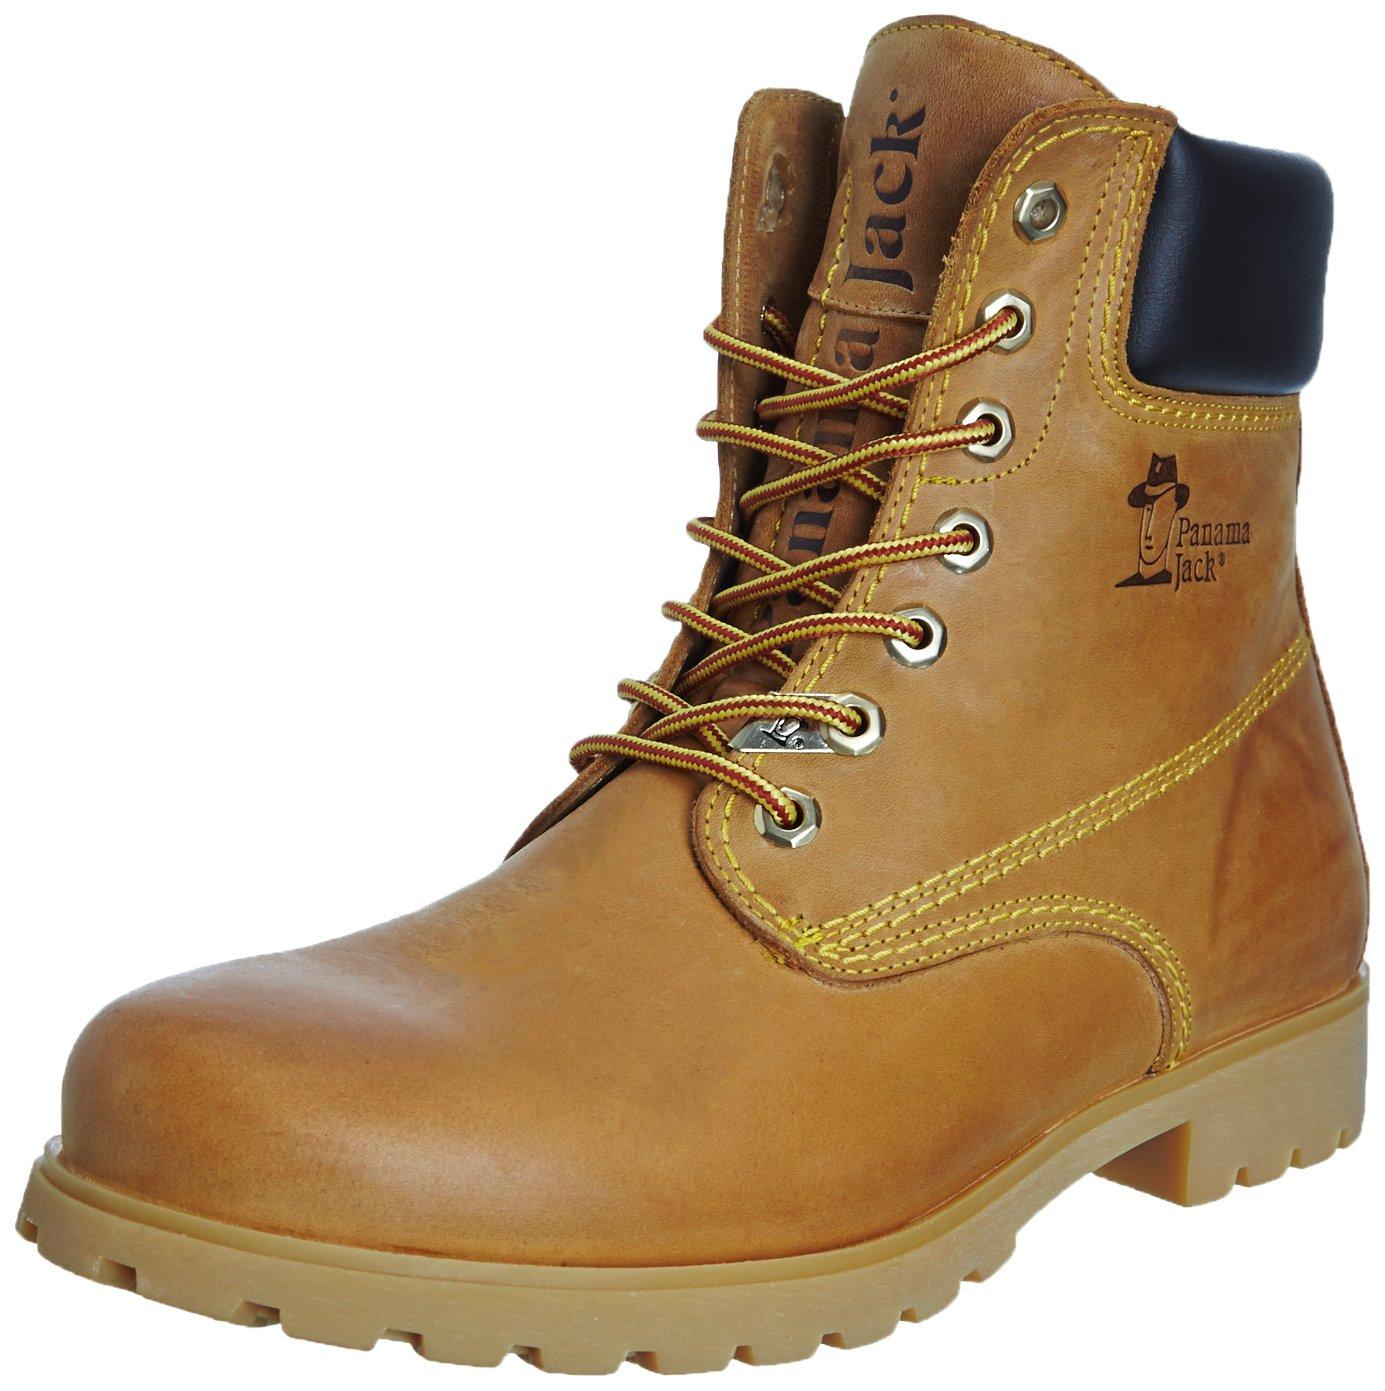 4d341267 Mejor valorados en Zapatos y complementos & Opiniones útiles de ...